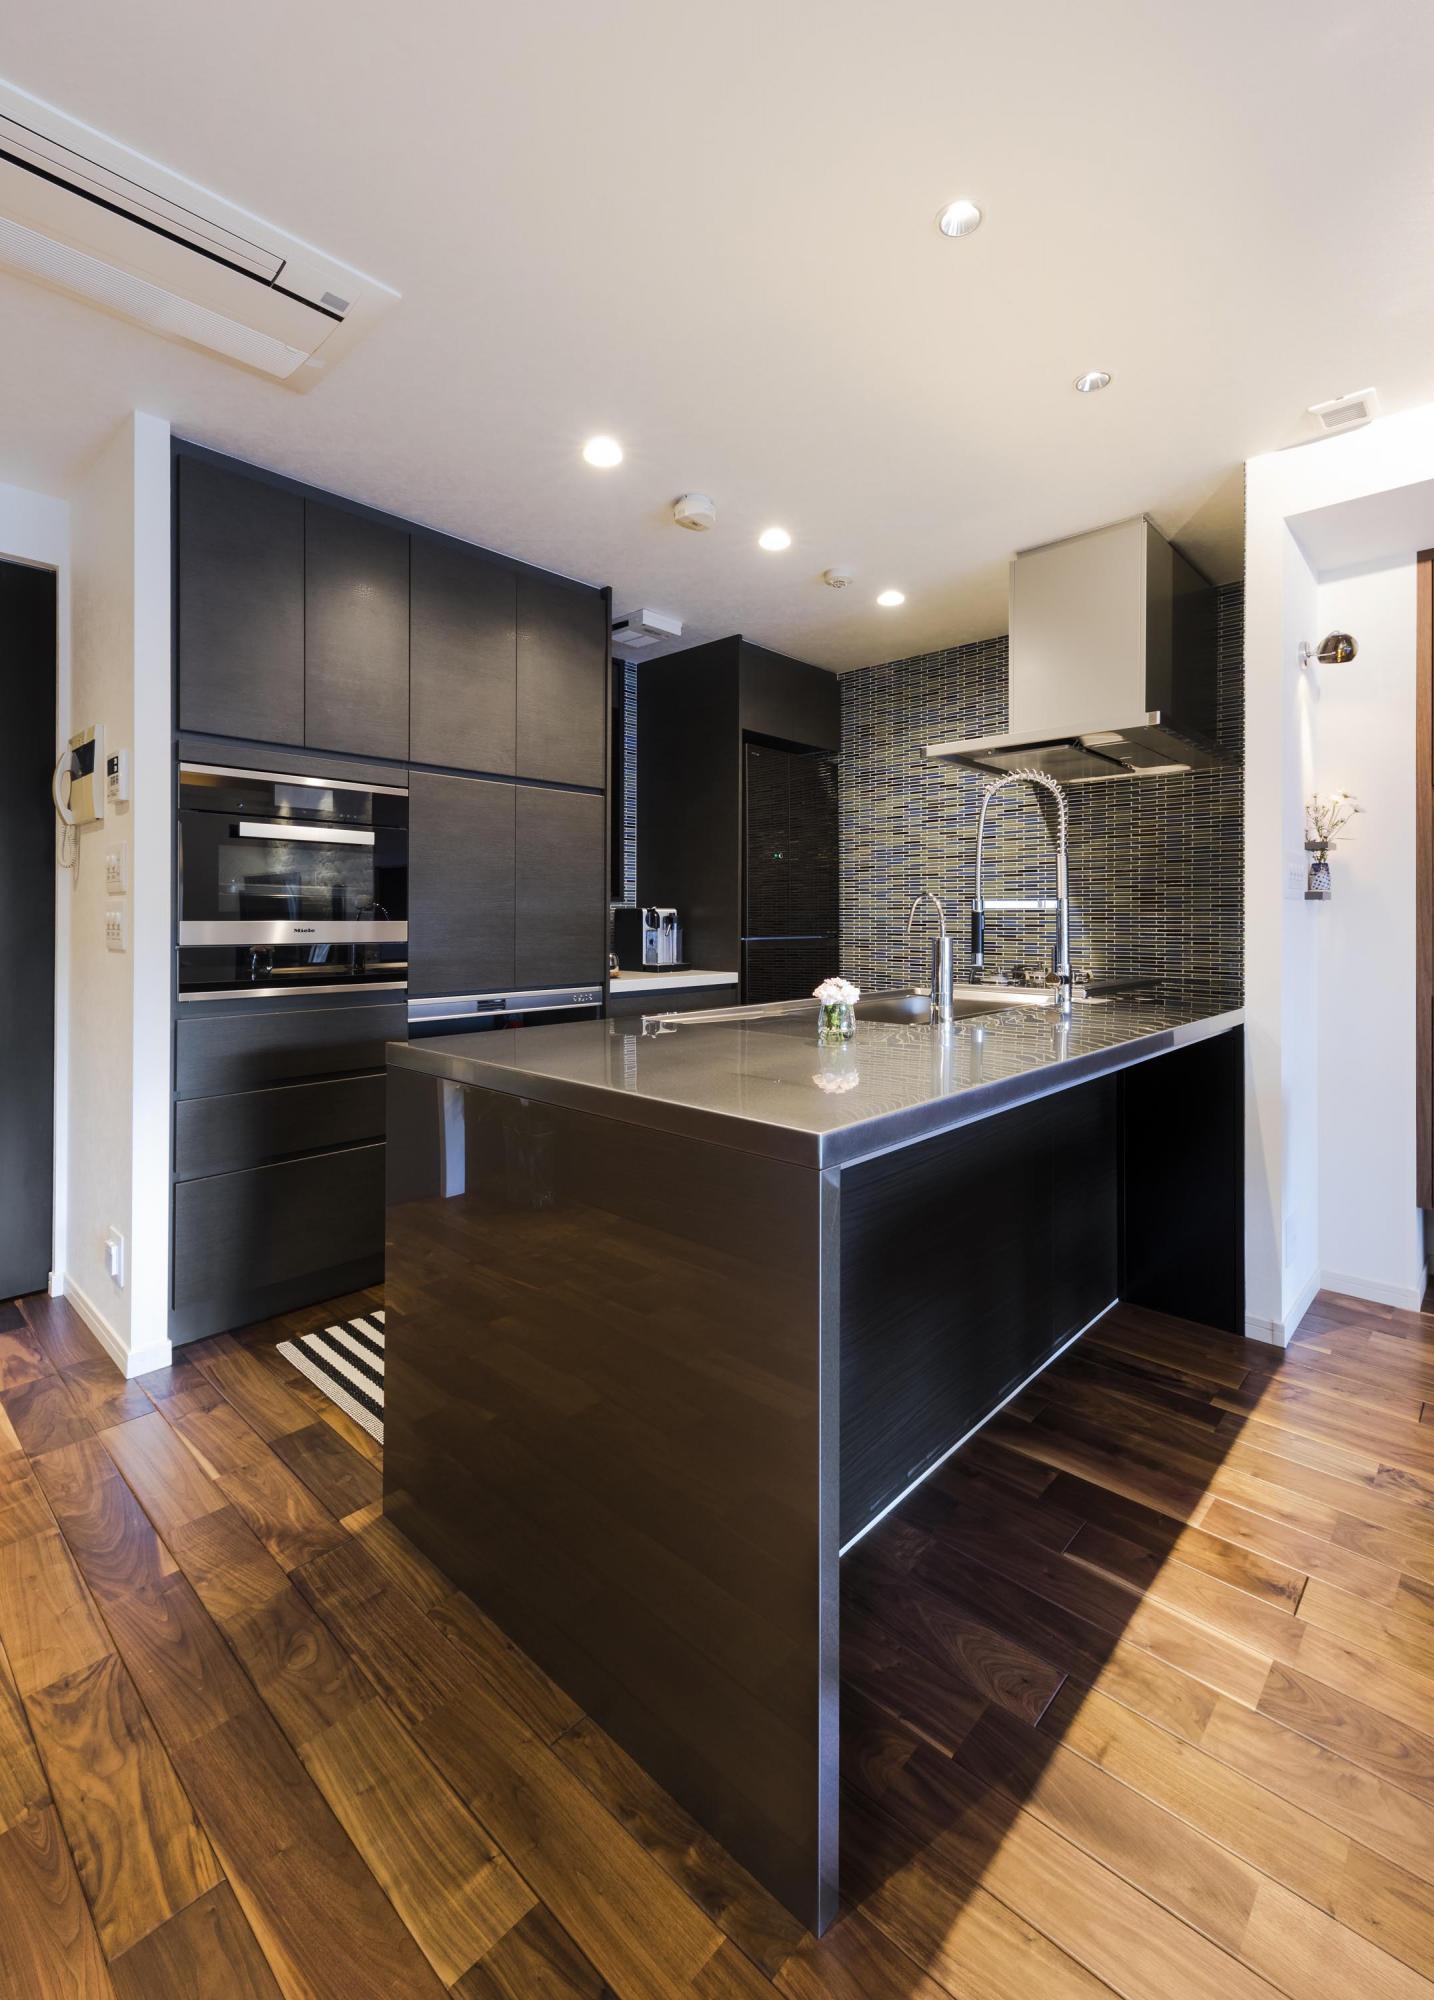 キッチンは広々としたオープンスタイルに。以前もカウンターキッチンだったが、吊り戸棚が付いていた。今回のリフォームでは、吊り戸棚をなくし、広々としたキッチン空間に。リビングにいるお客様との会話もより楽しめるようになったという。